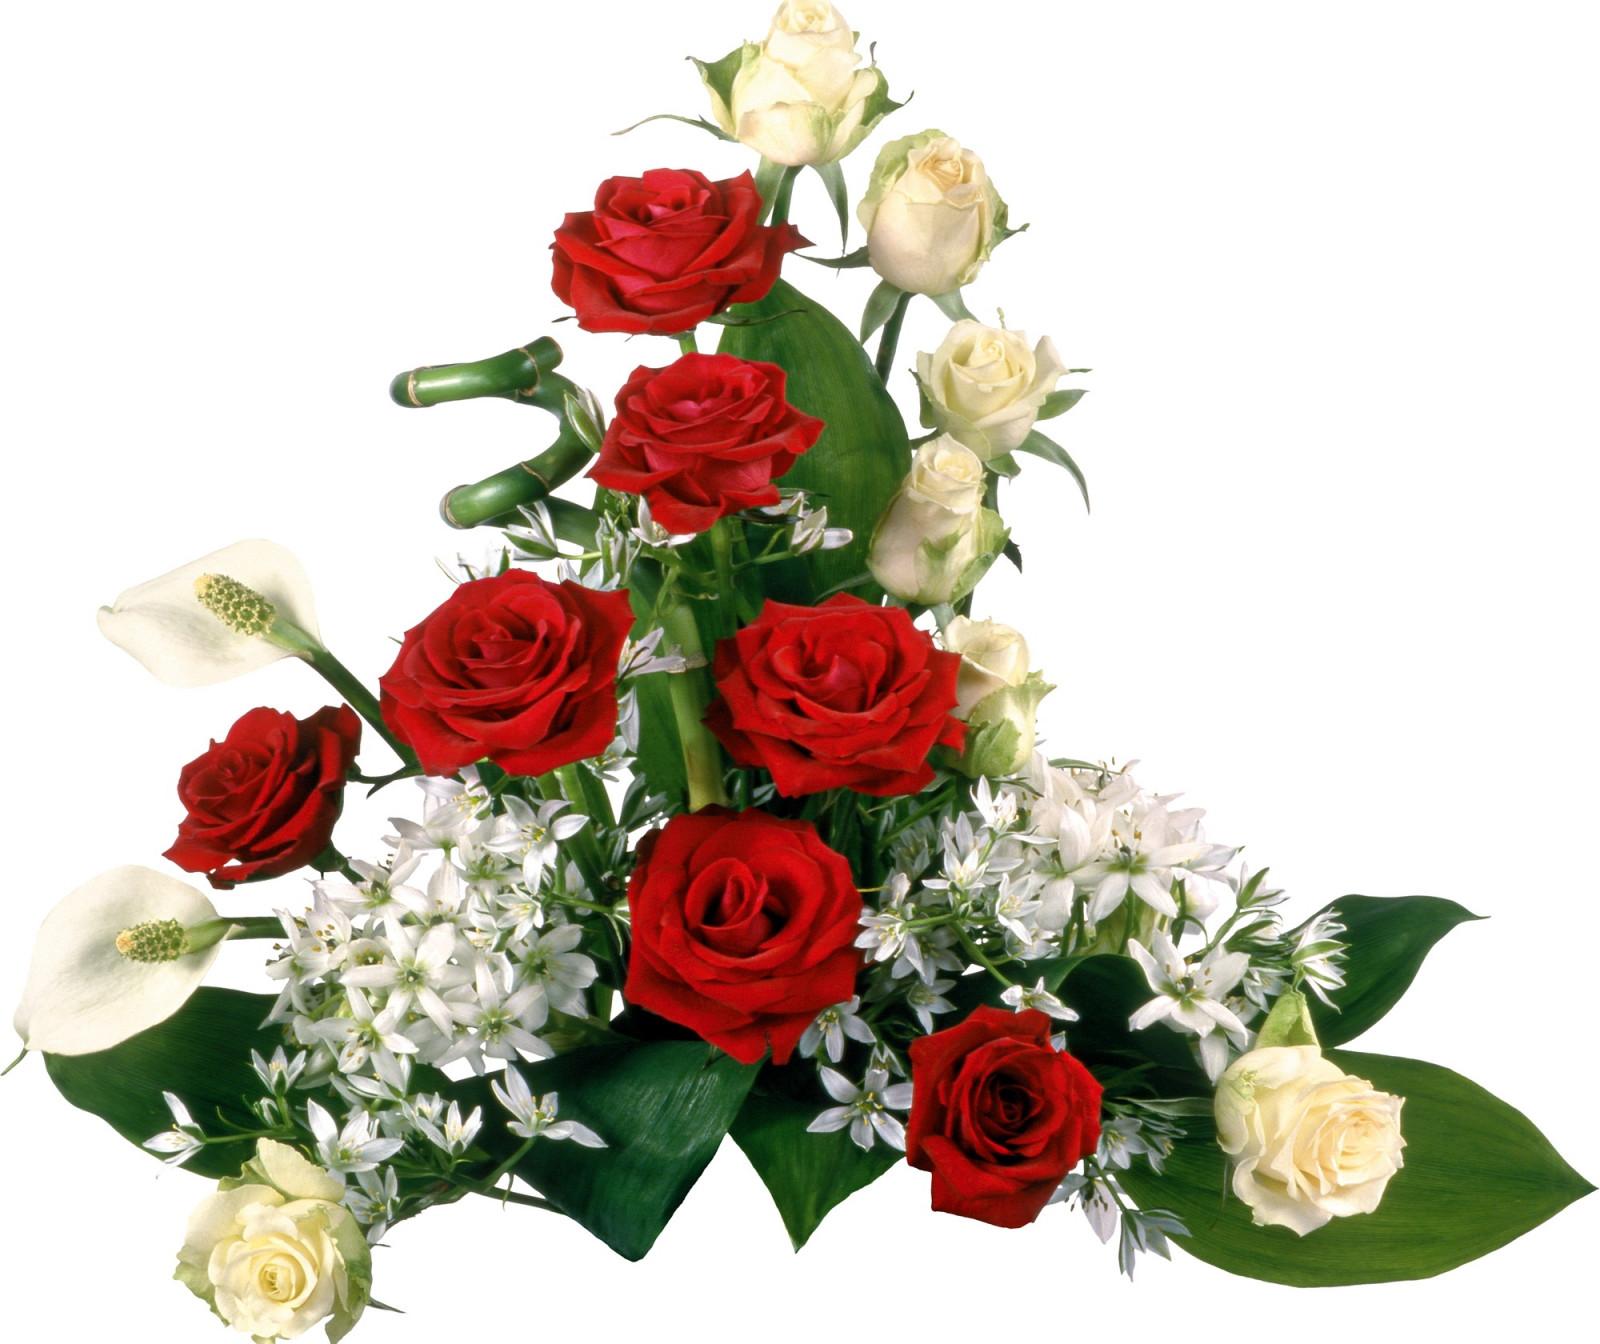 Красивые цветы фото для поздравления, создания открыток